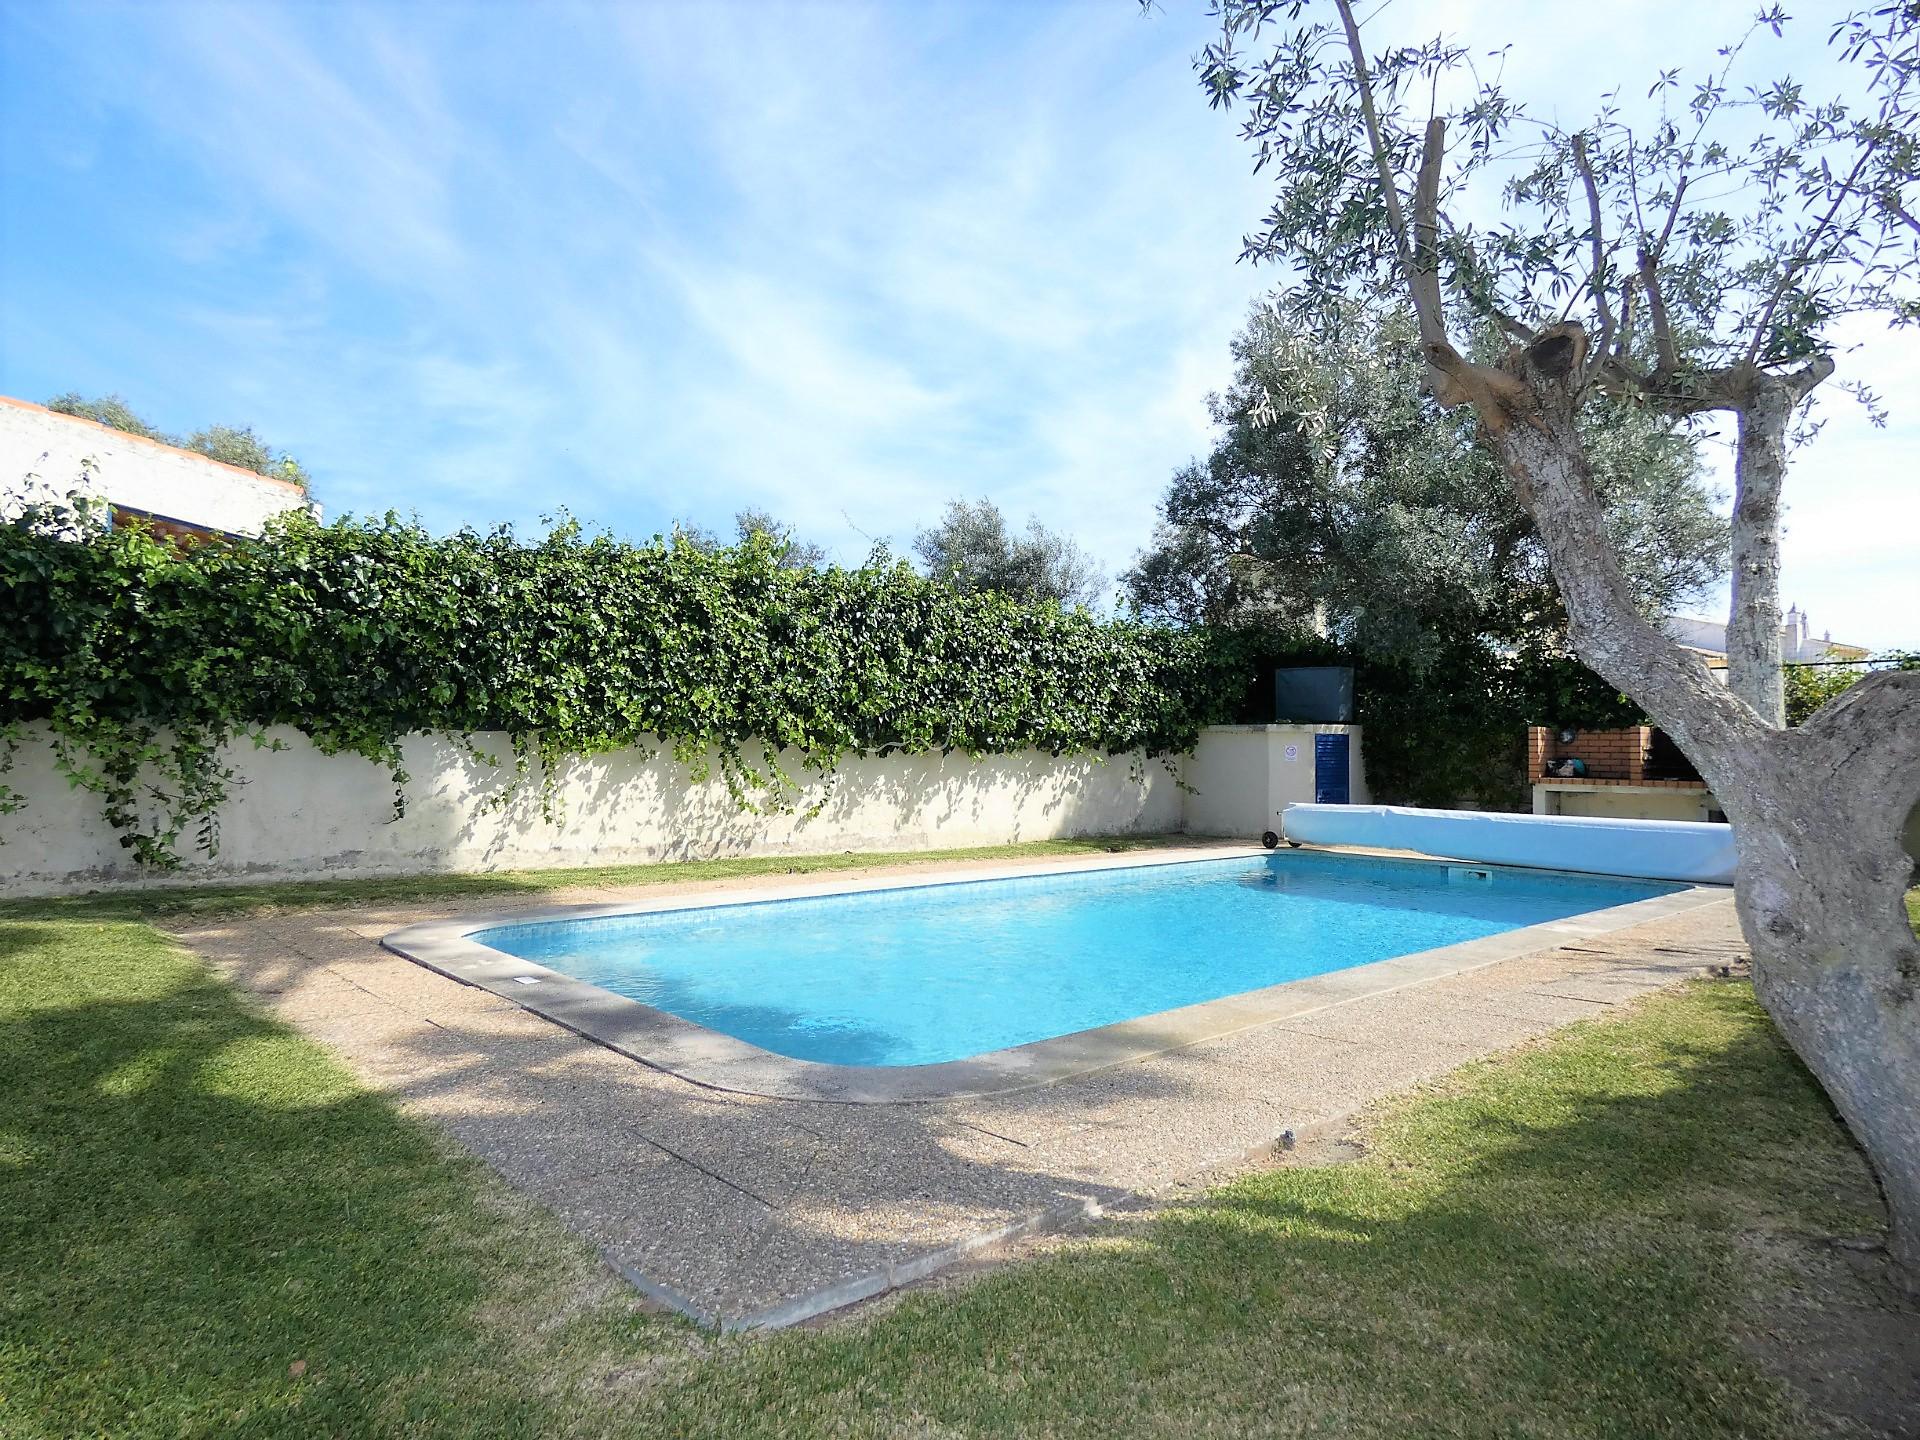 Moradia T2 - Bemposta - Piscina - Jardim - Algarve